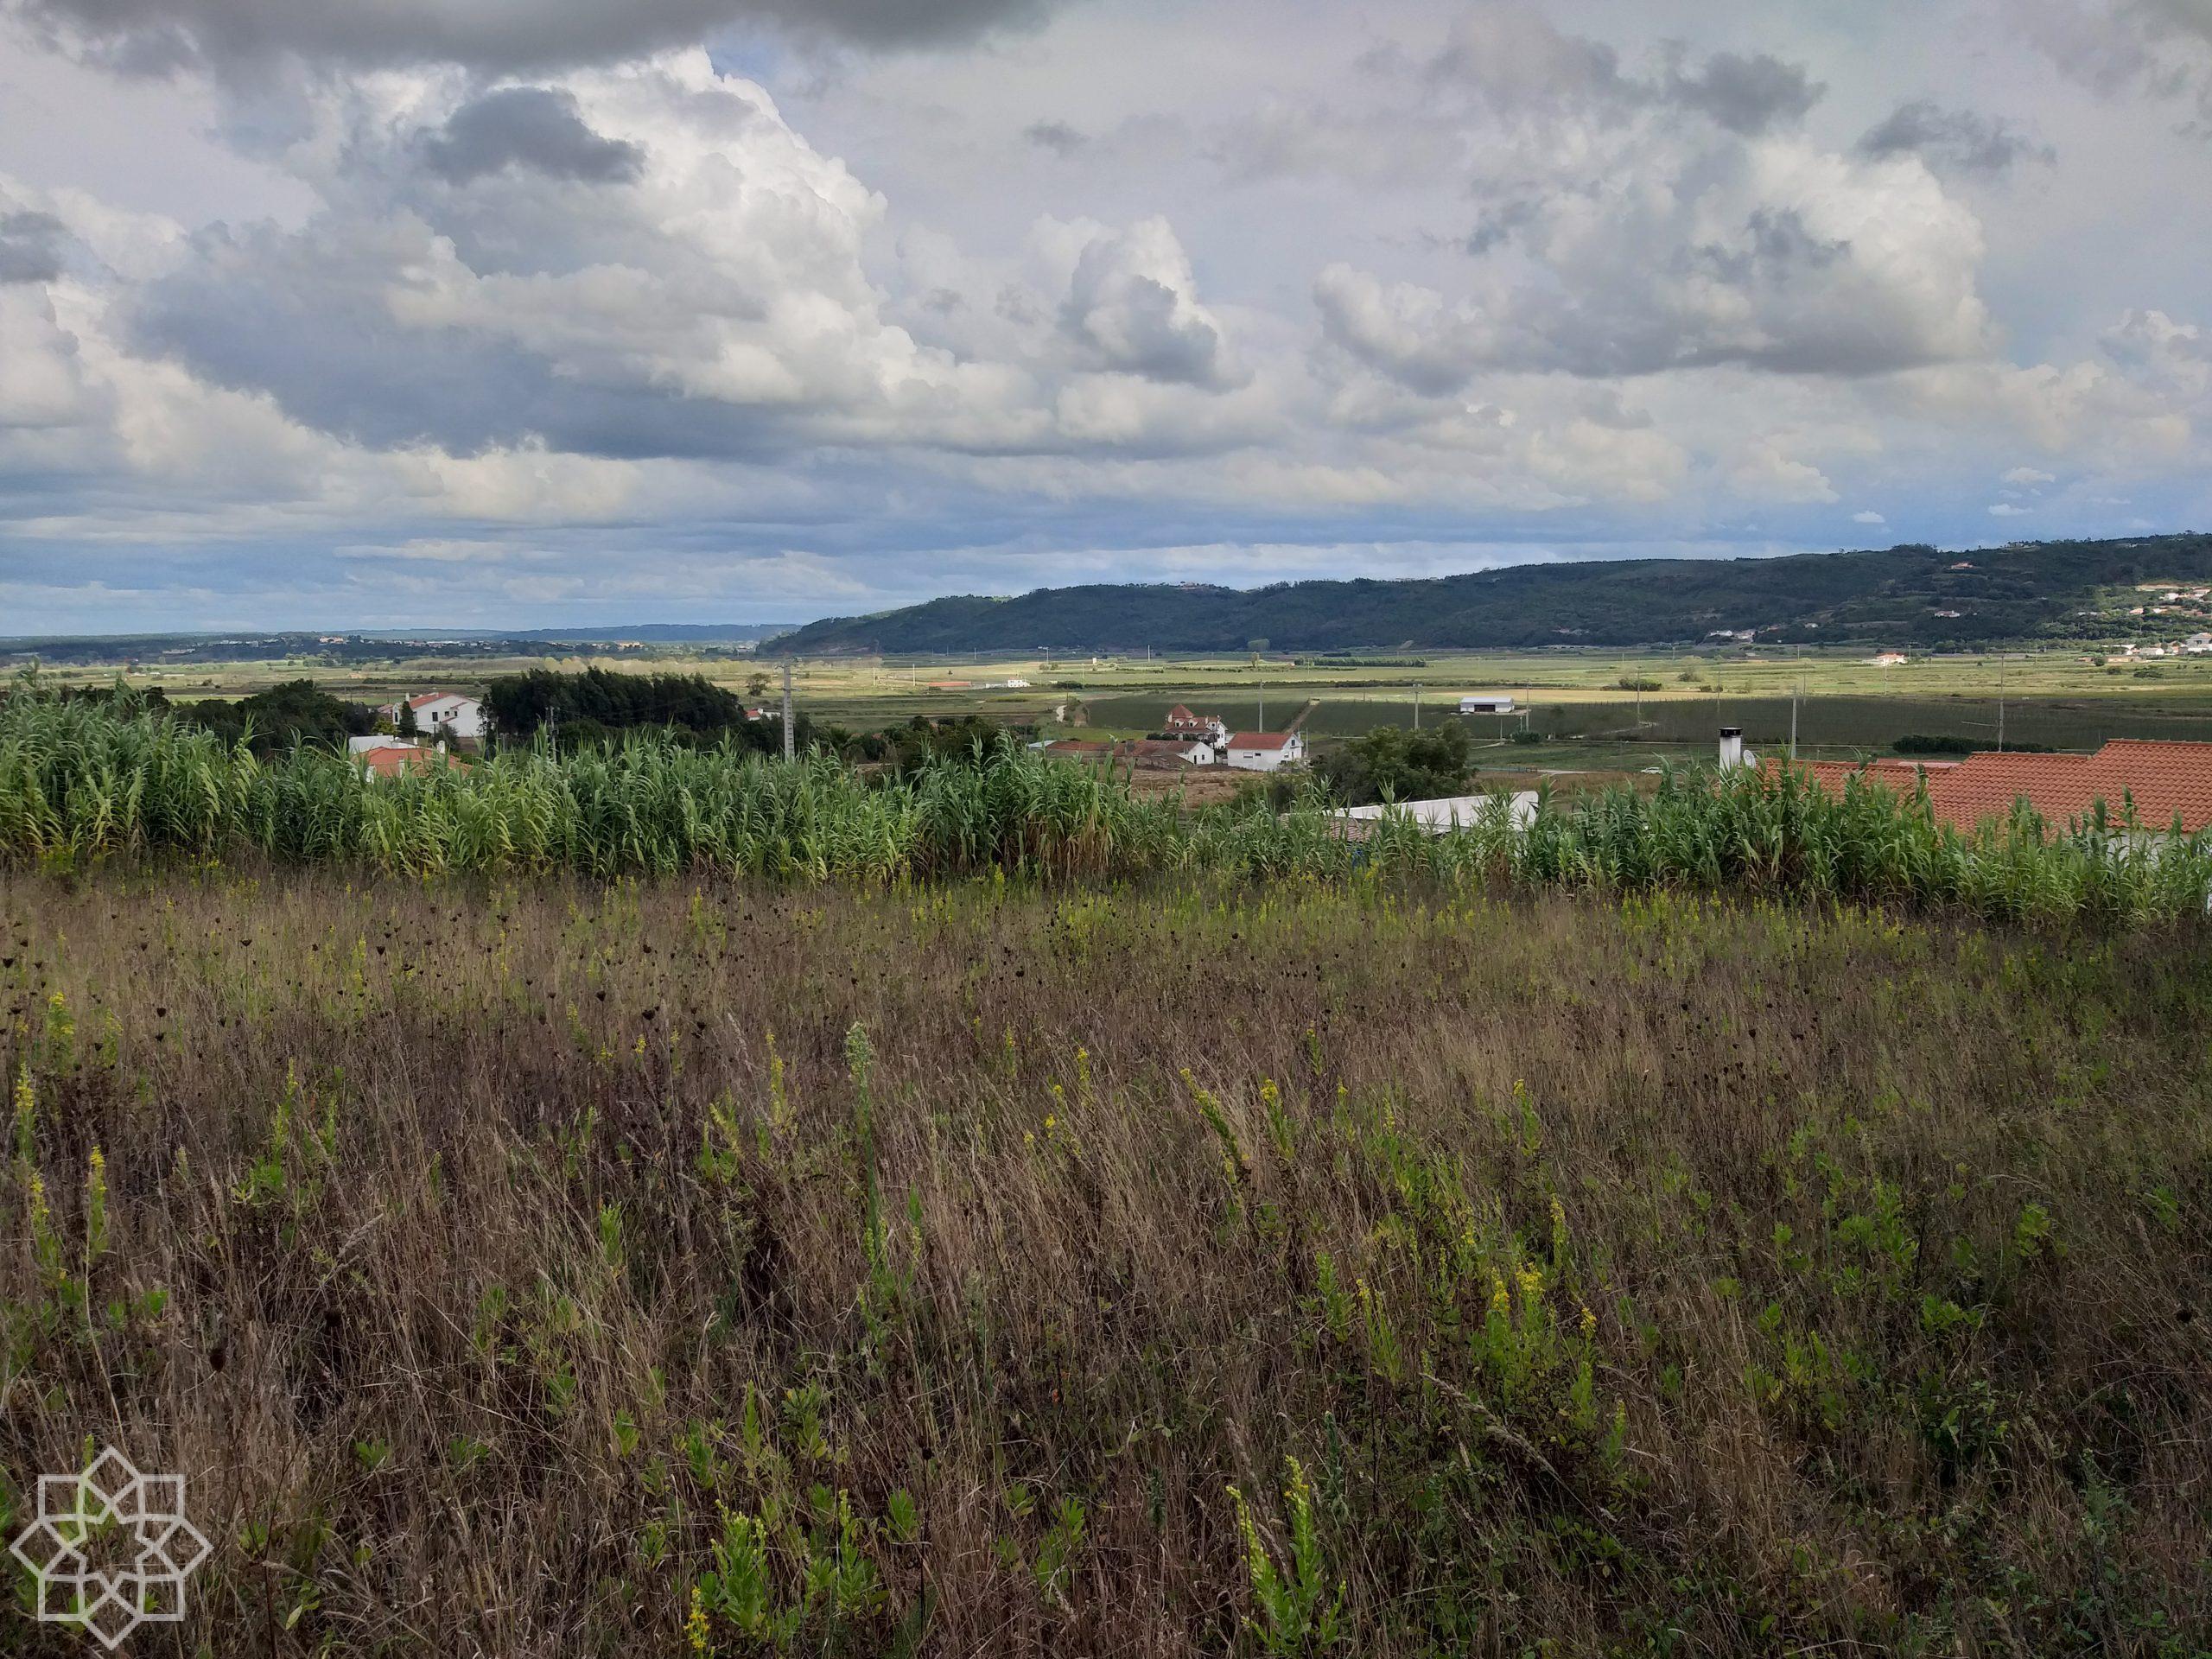 Byggklar tomt i Familicão, Nazaré